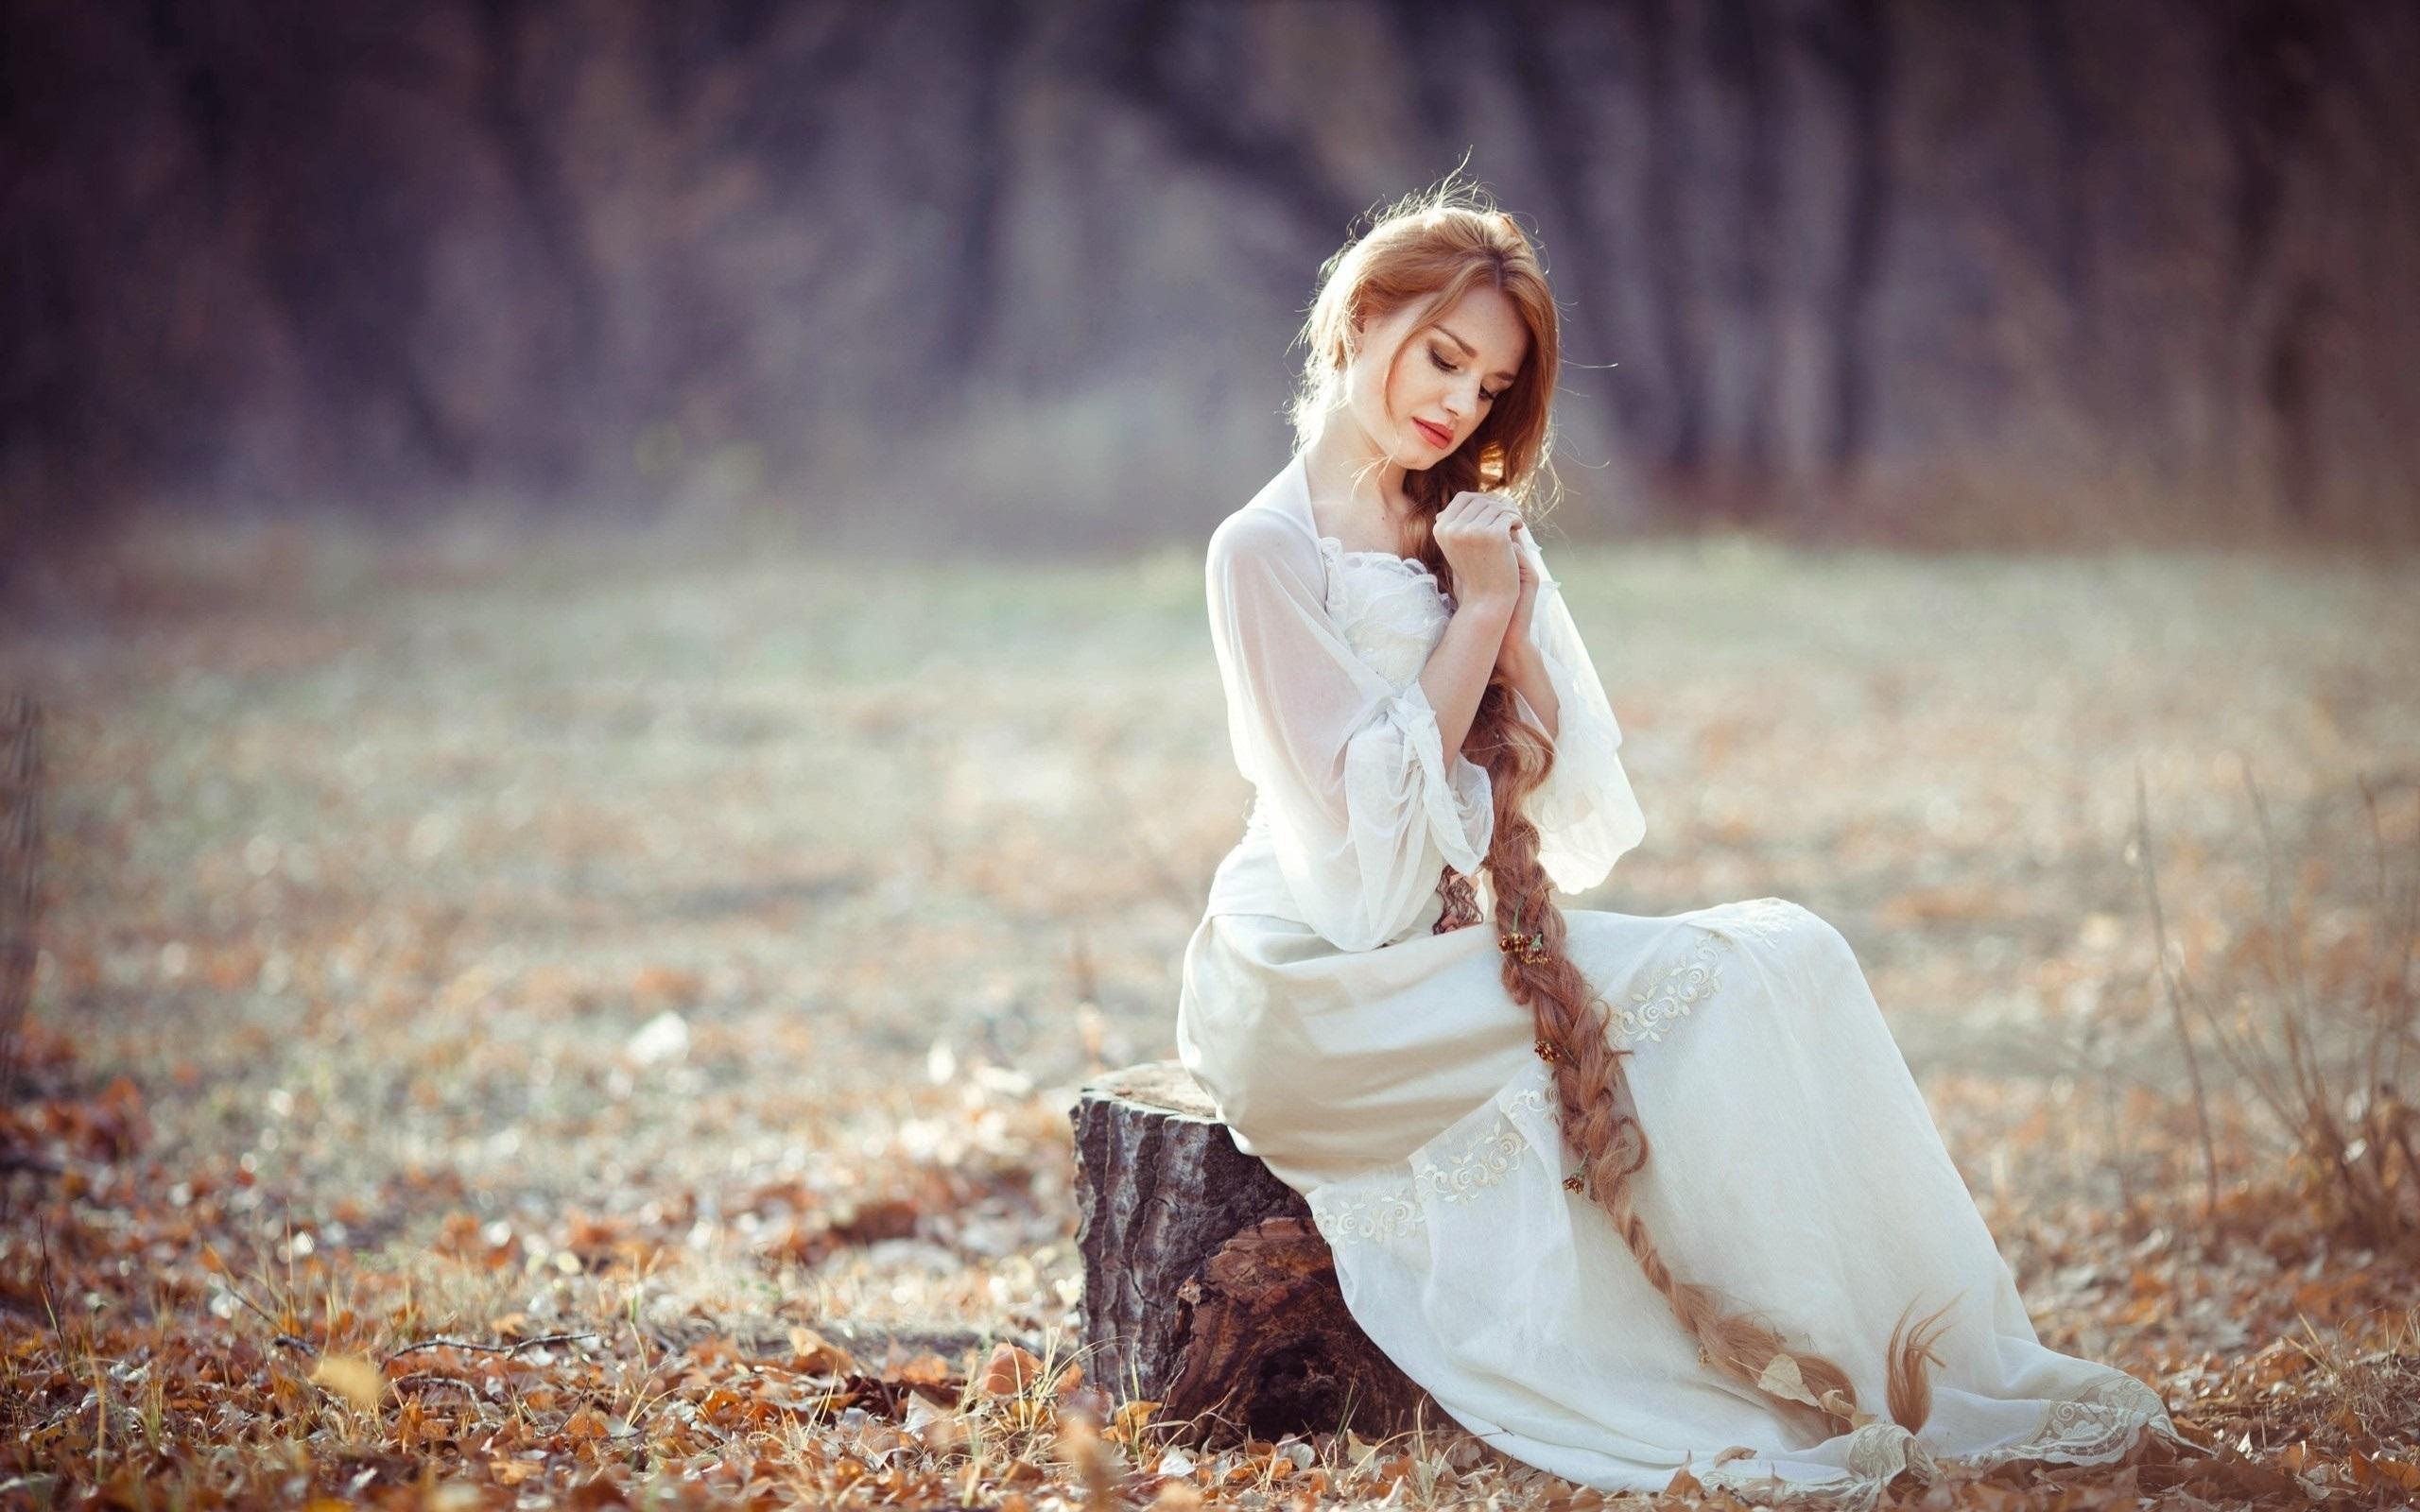 长头发的女孩,金发碧眼,树桩,秋季 壁纸 - 2560x1600图片